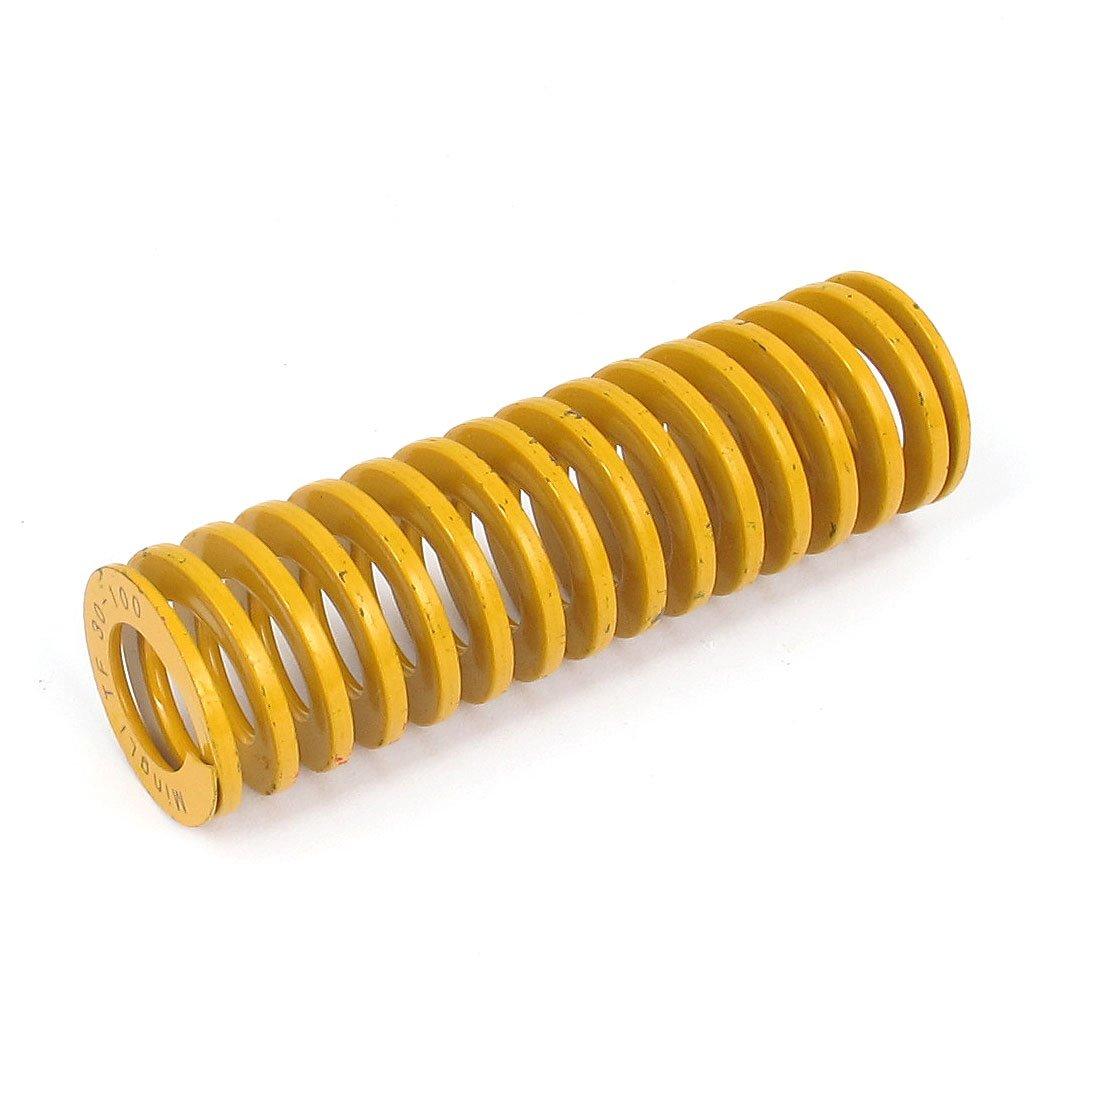 sourcingmap® 30mm OD 100mm lange leichte Last Spiral Stanzen Kompression Die Feder gelb sourcing map a15102700ux0991